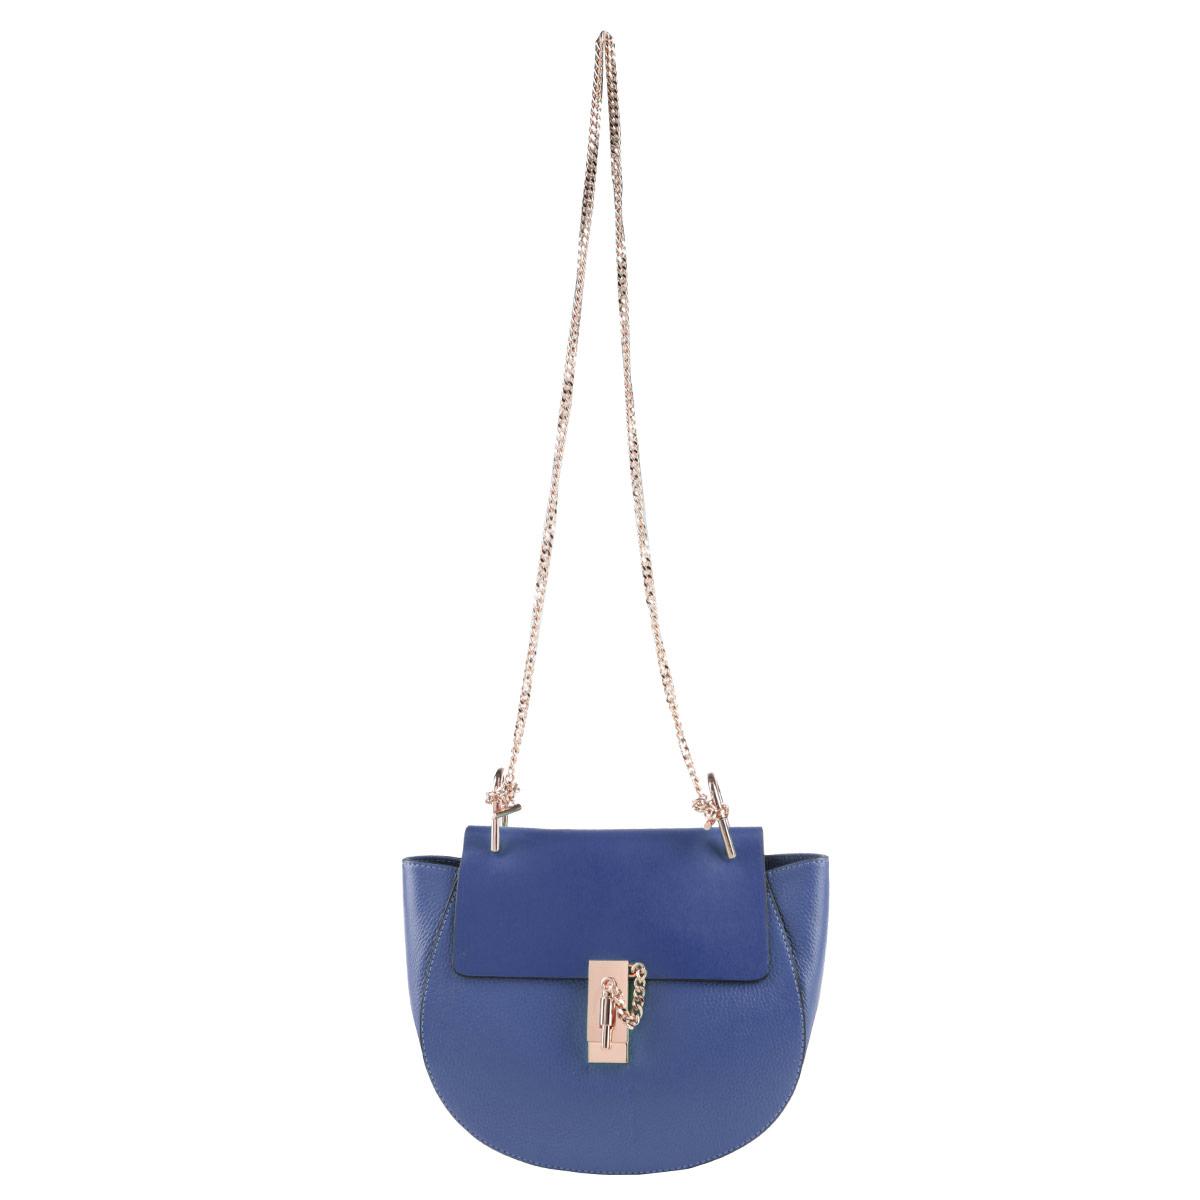 Сумка женская Dispacci, цвет: синий. DA80982DA80982Компактная сумка Dispacci займет достойное место в вашей коллекции аксессуаров. Модель выполнена из натуральной высококачественной кожи и декорирована фактурным тиснением. Сумка закрывается клапаном на оригинальную застежку. Внутри - большое отделение, также есть втачной карманчик на застежке-молнии, два накладных карманчика для телефона и мелочей. Ручка исполнена в виде цепочки, которая крепится к изделию на металлическую фурнитуру. В комплект с сумкой входит плечевой ремень на карабинах. Изделие упаковано в фирменный чехол. Изысканная сумка прекрасно дополнит ваш элегантный образ и подчеркнет безупречный вкус.